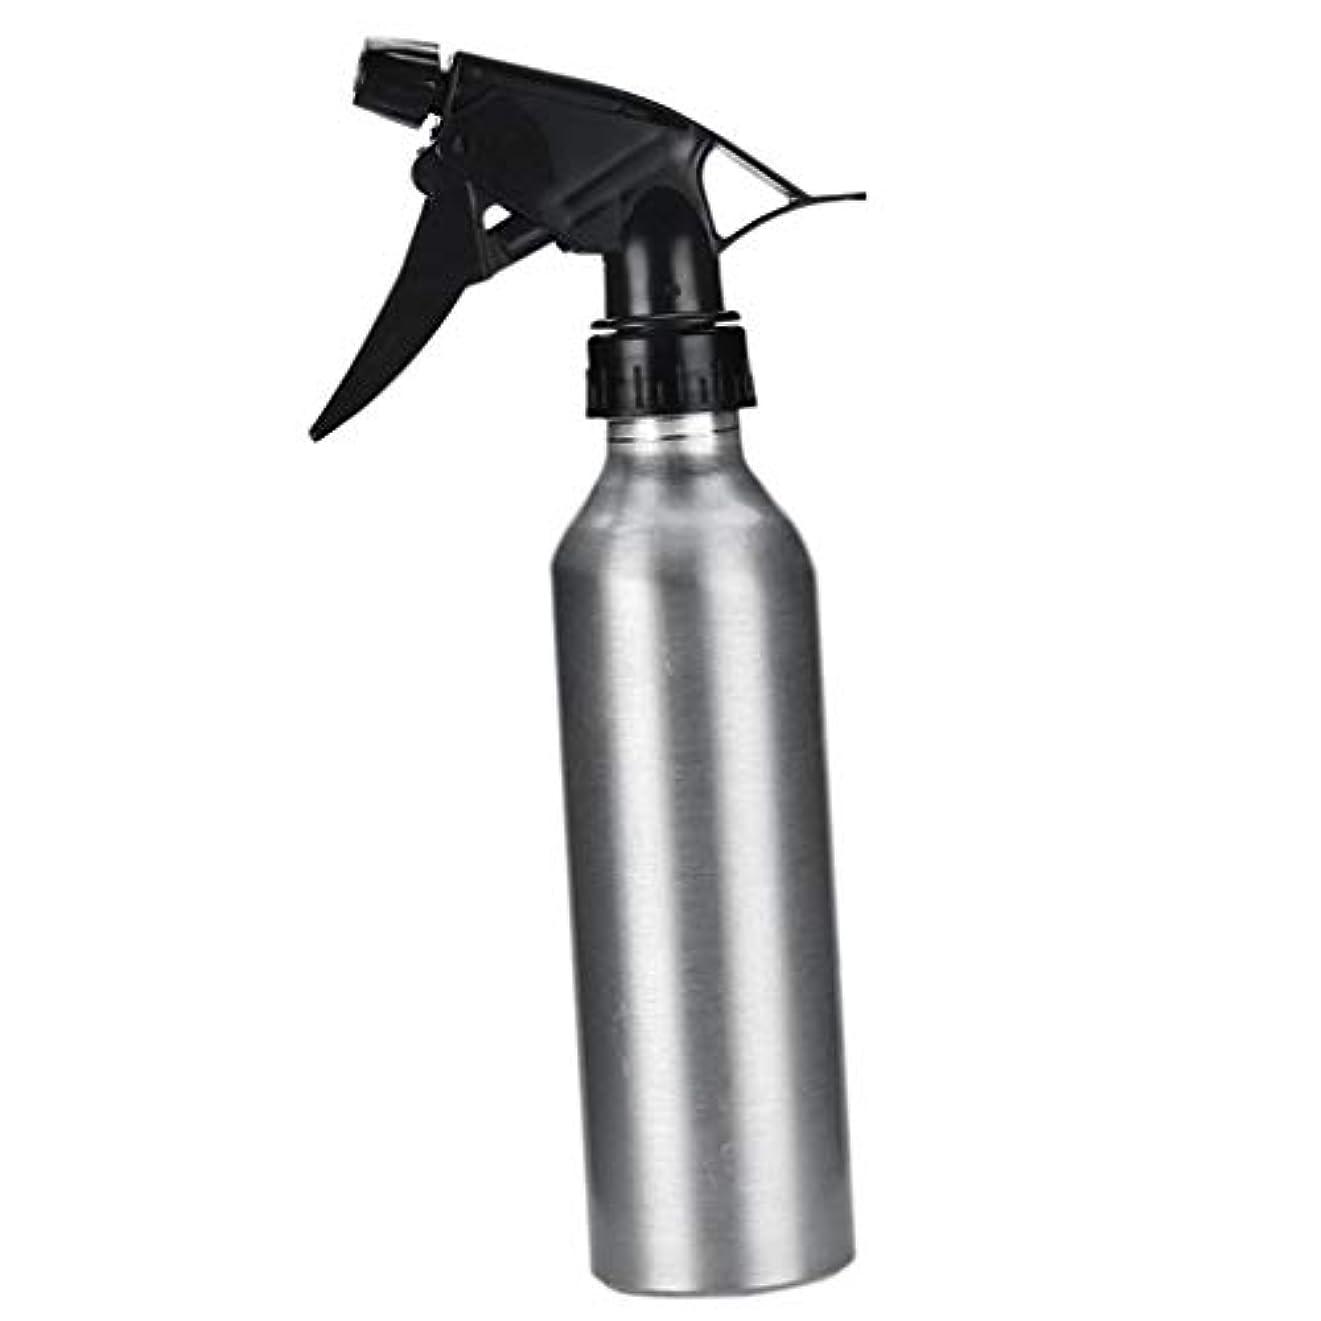 一見矢空DYNWAVE アルミ スプレーボトル 化粧品ボトル 霧吹き 詰め替え容器 漏れ防止 園芸料理用美髪師用噴霧器全2色 - 銀